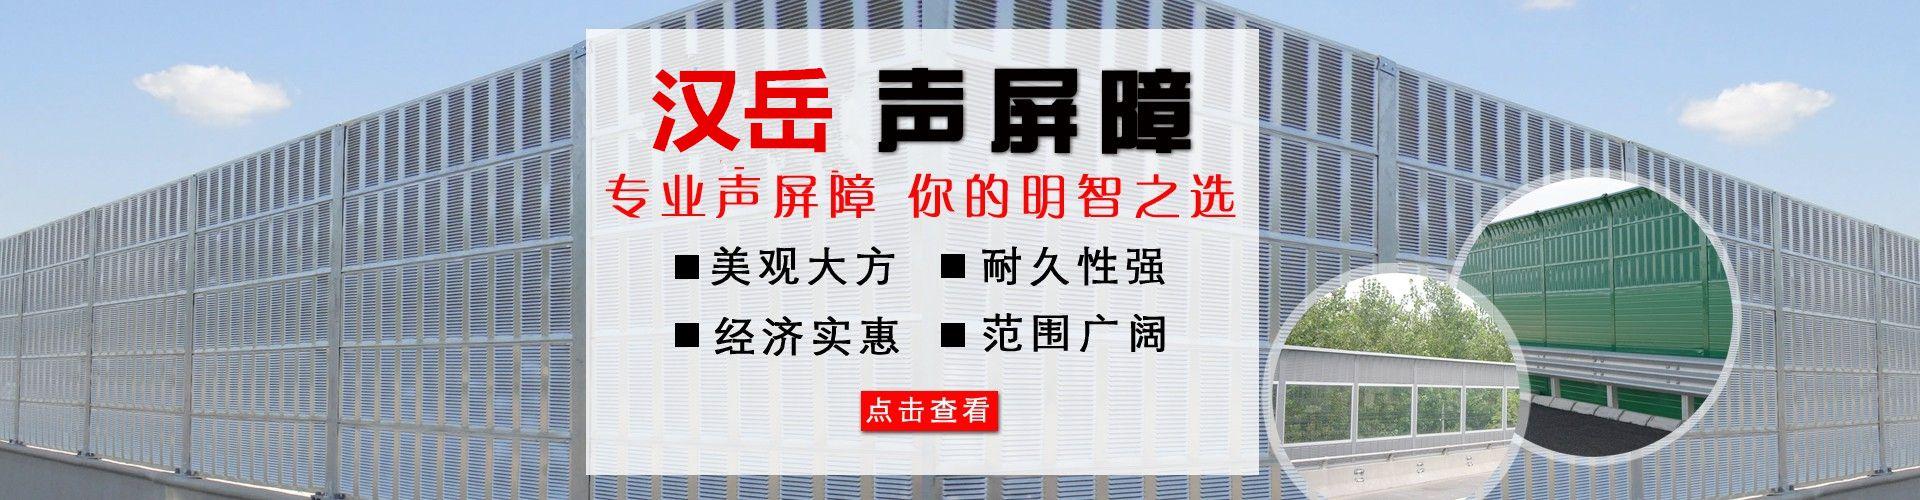 河北汉岳丝网制品有限公司